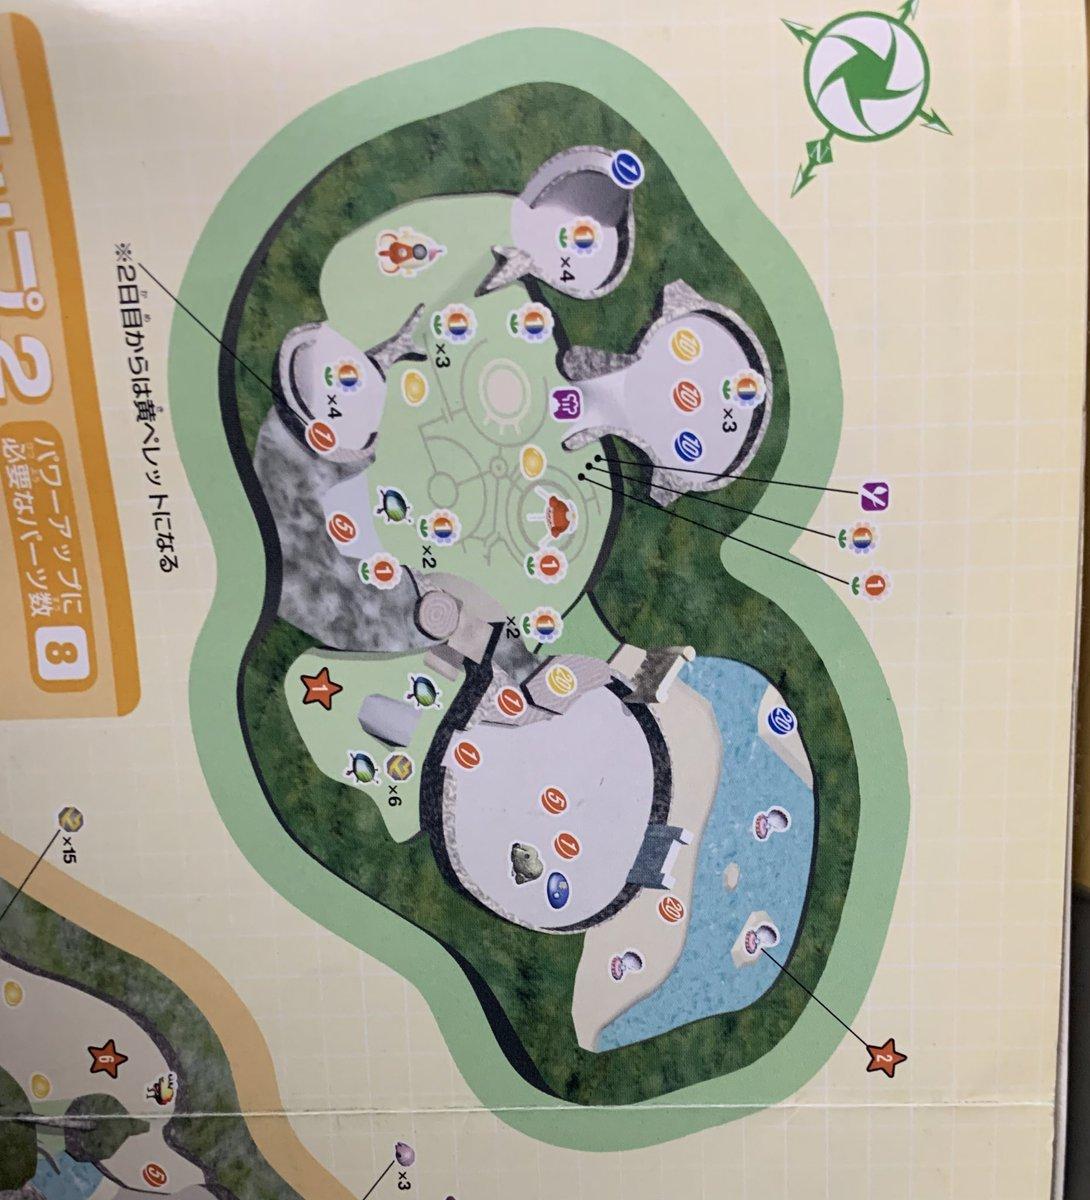 @huratawa 完結おめでとうございます!楽しく見させていただきました。ピクミン2も期待させていただきます。完結記念にとある攻略本についてくる原生成物出現マップの画像を一部紹介しますね笑